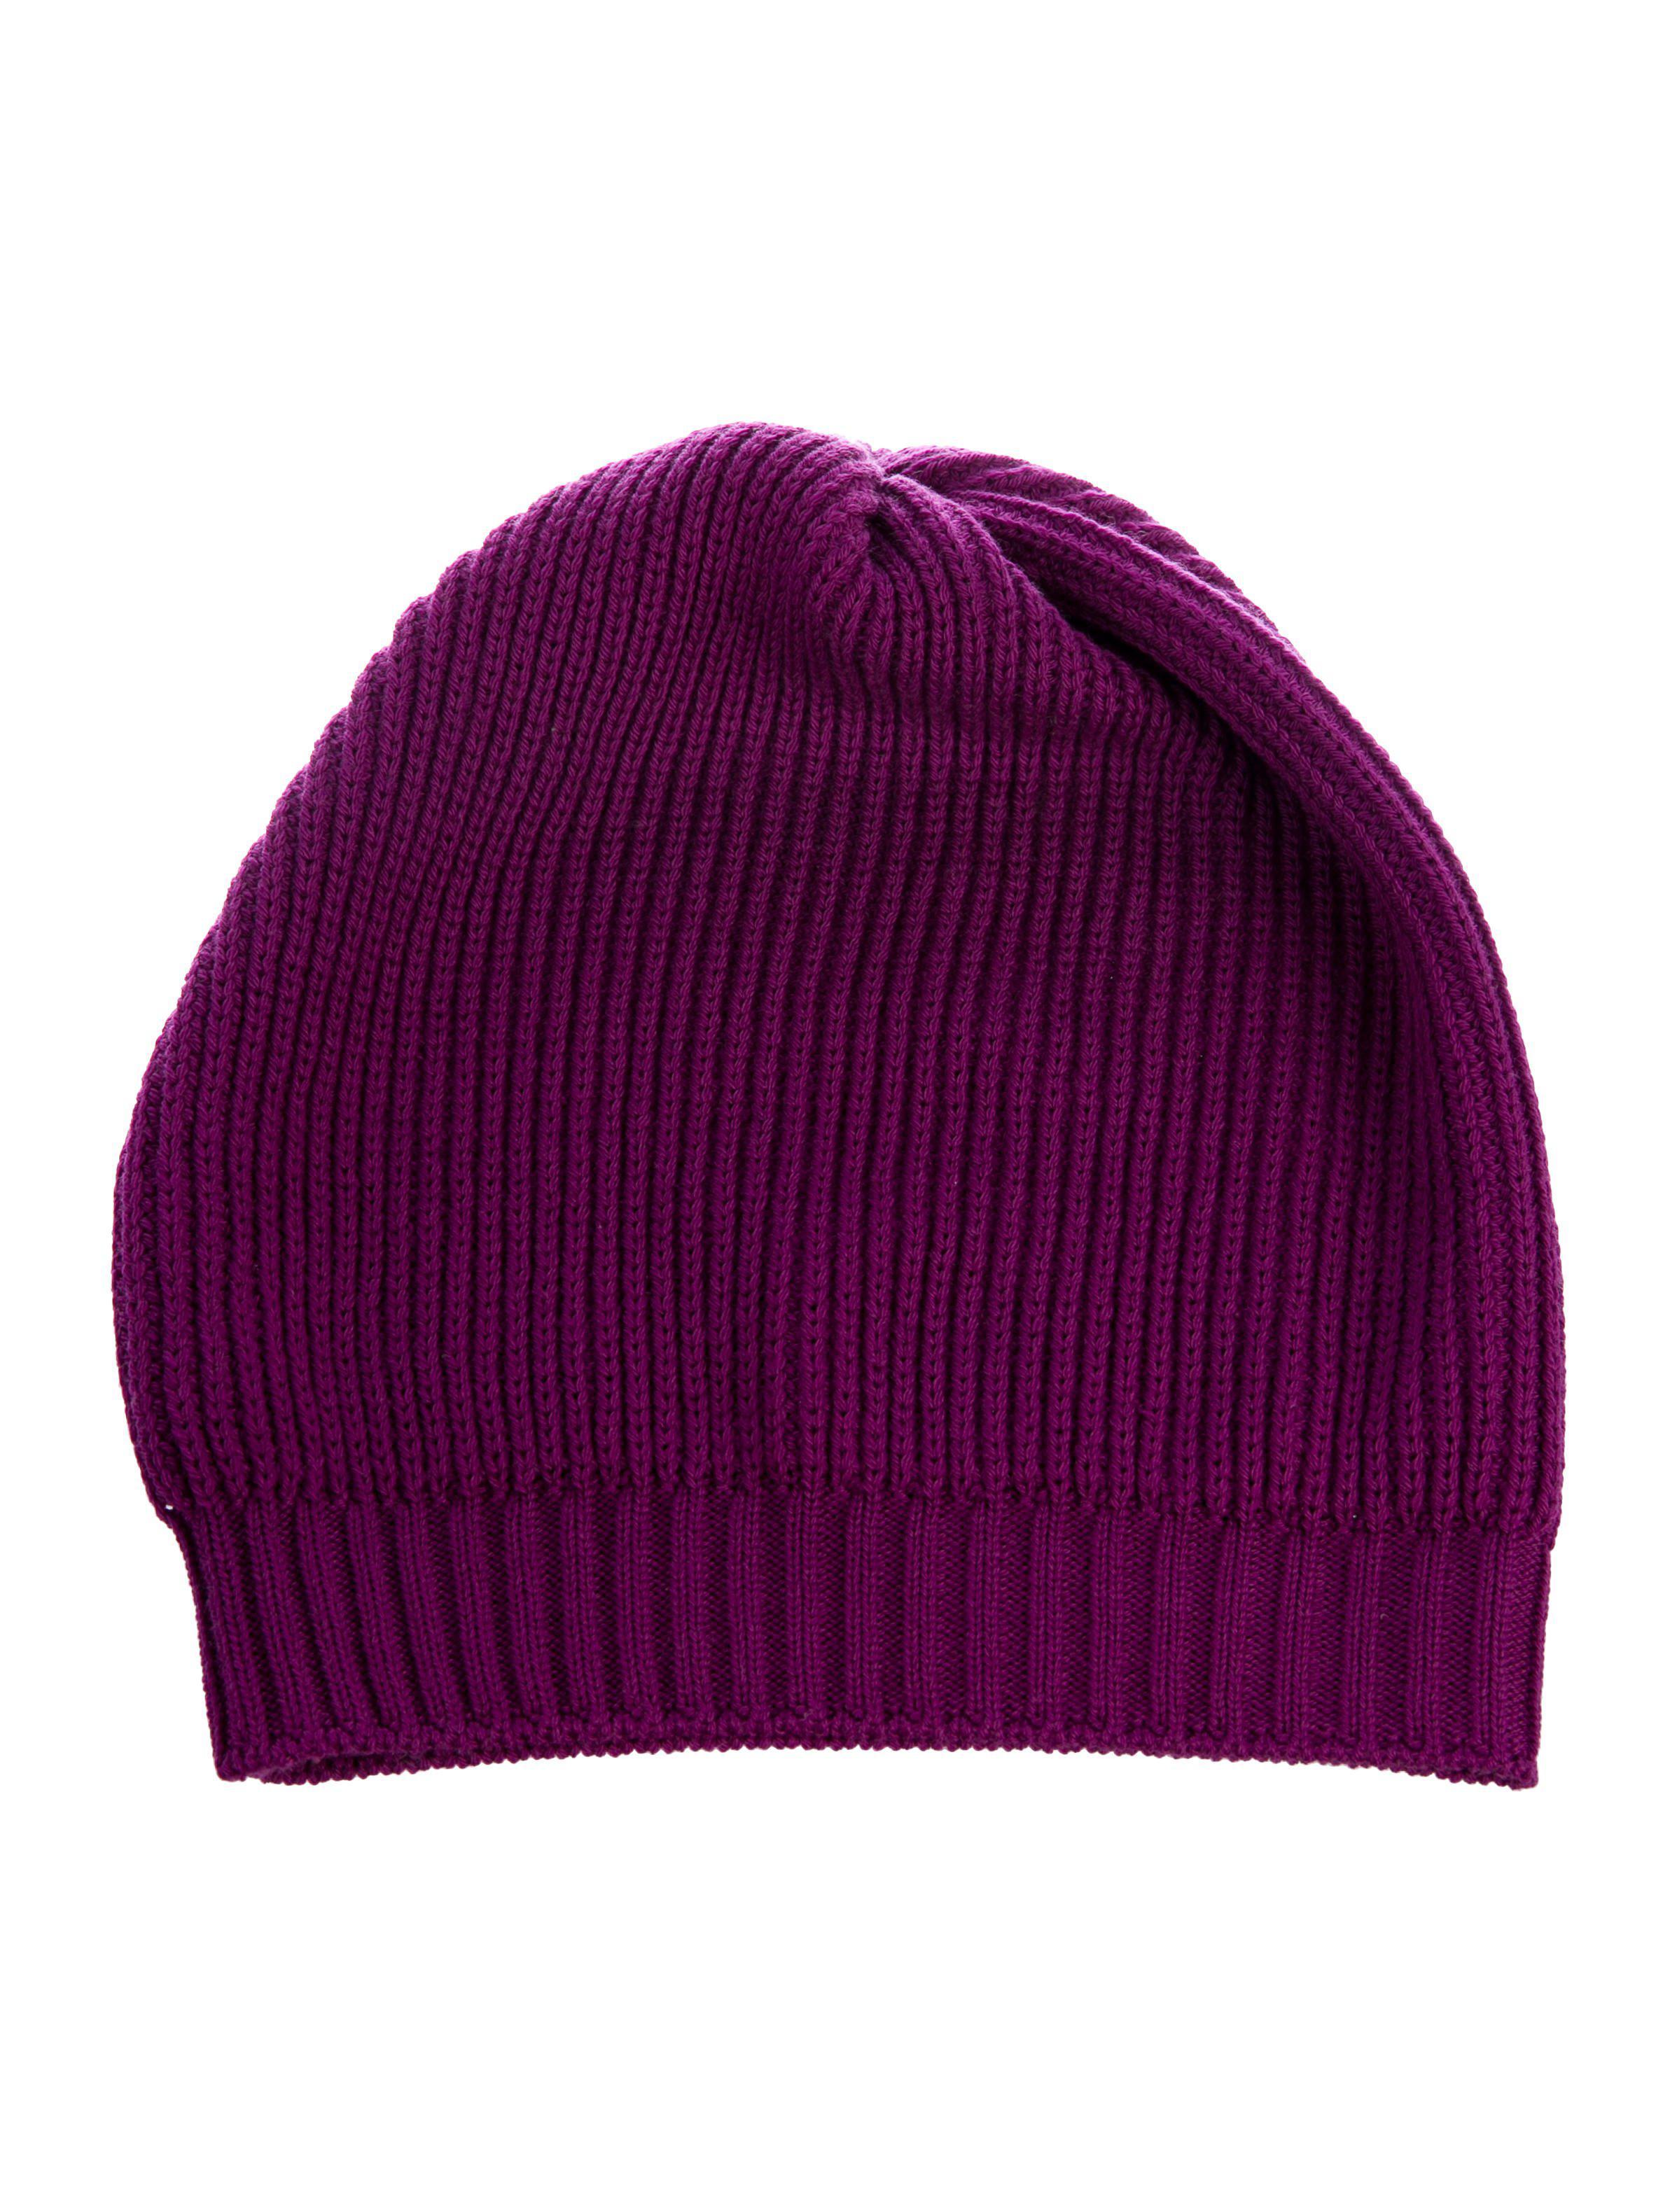 a270859bf1d Missoni - Purple Knit Wool Beanie Violet - Lyst. View fullscreen